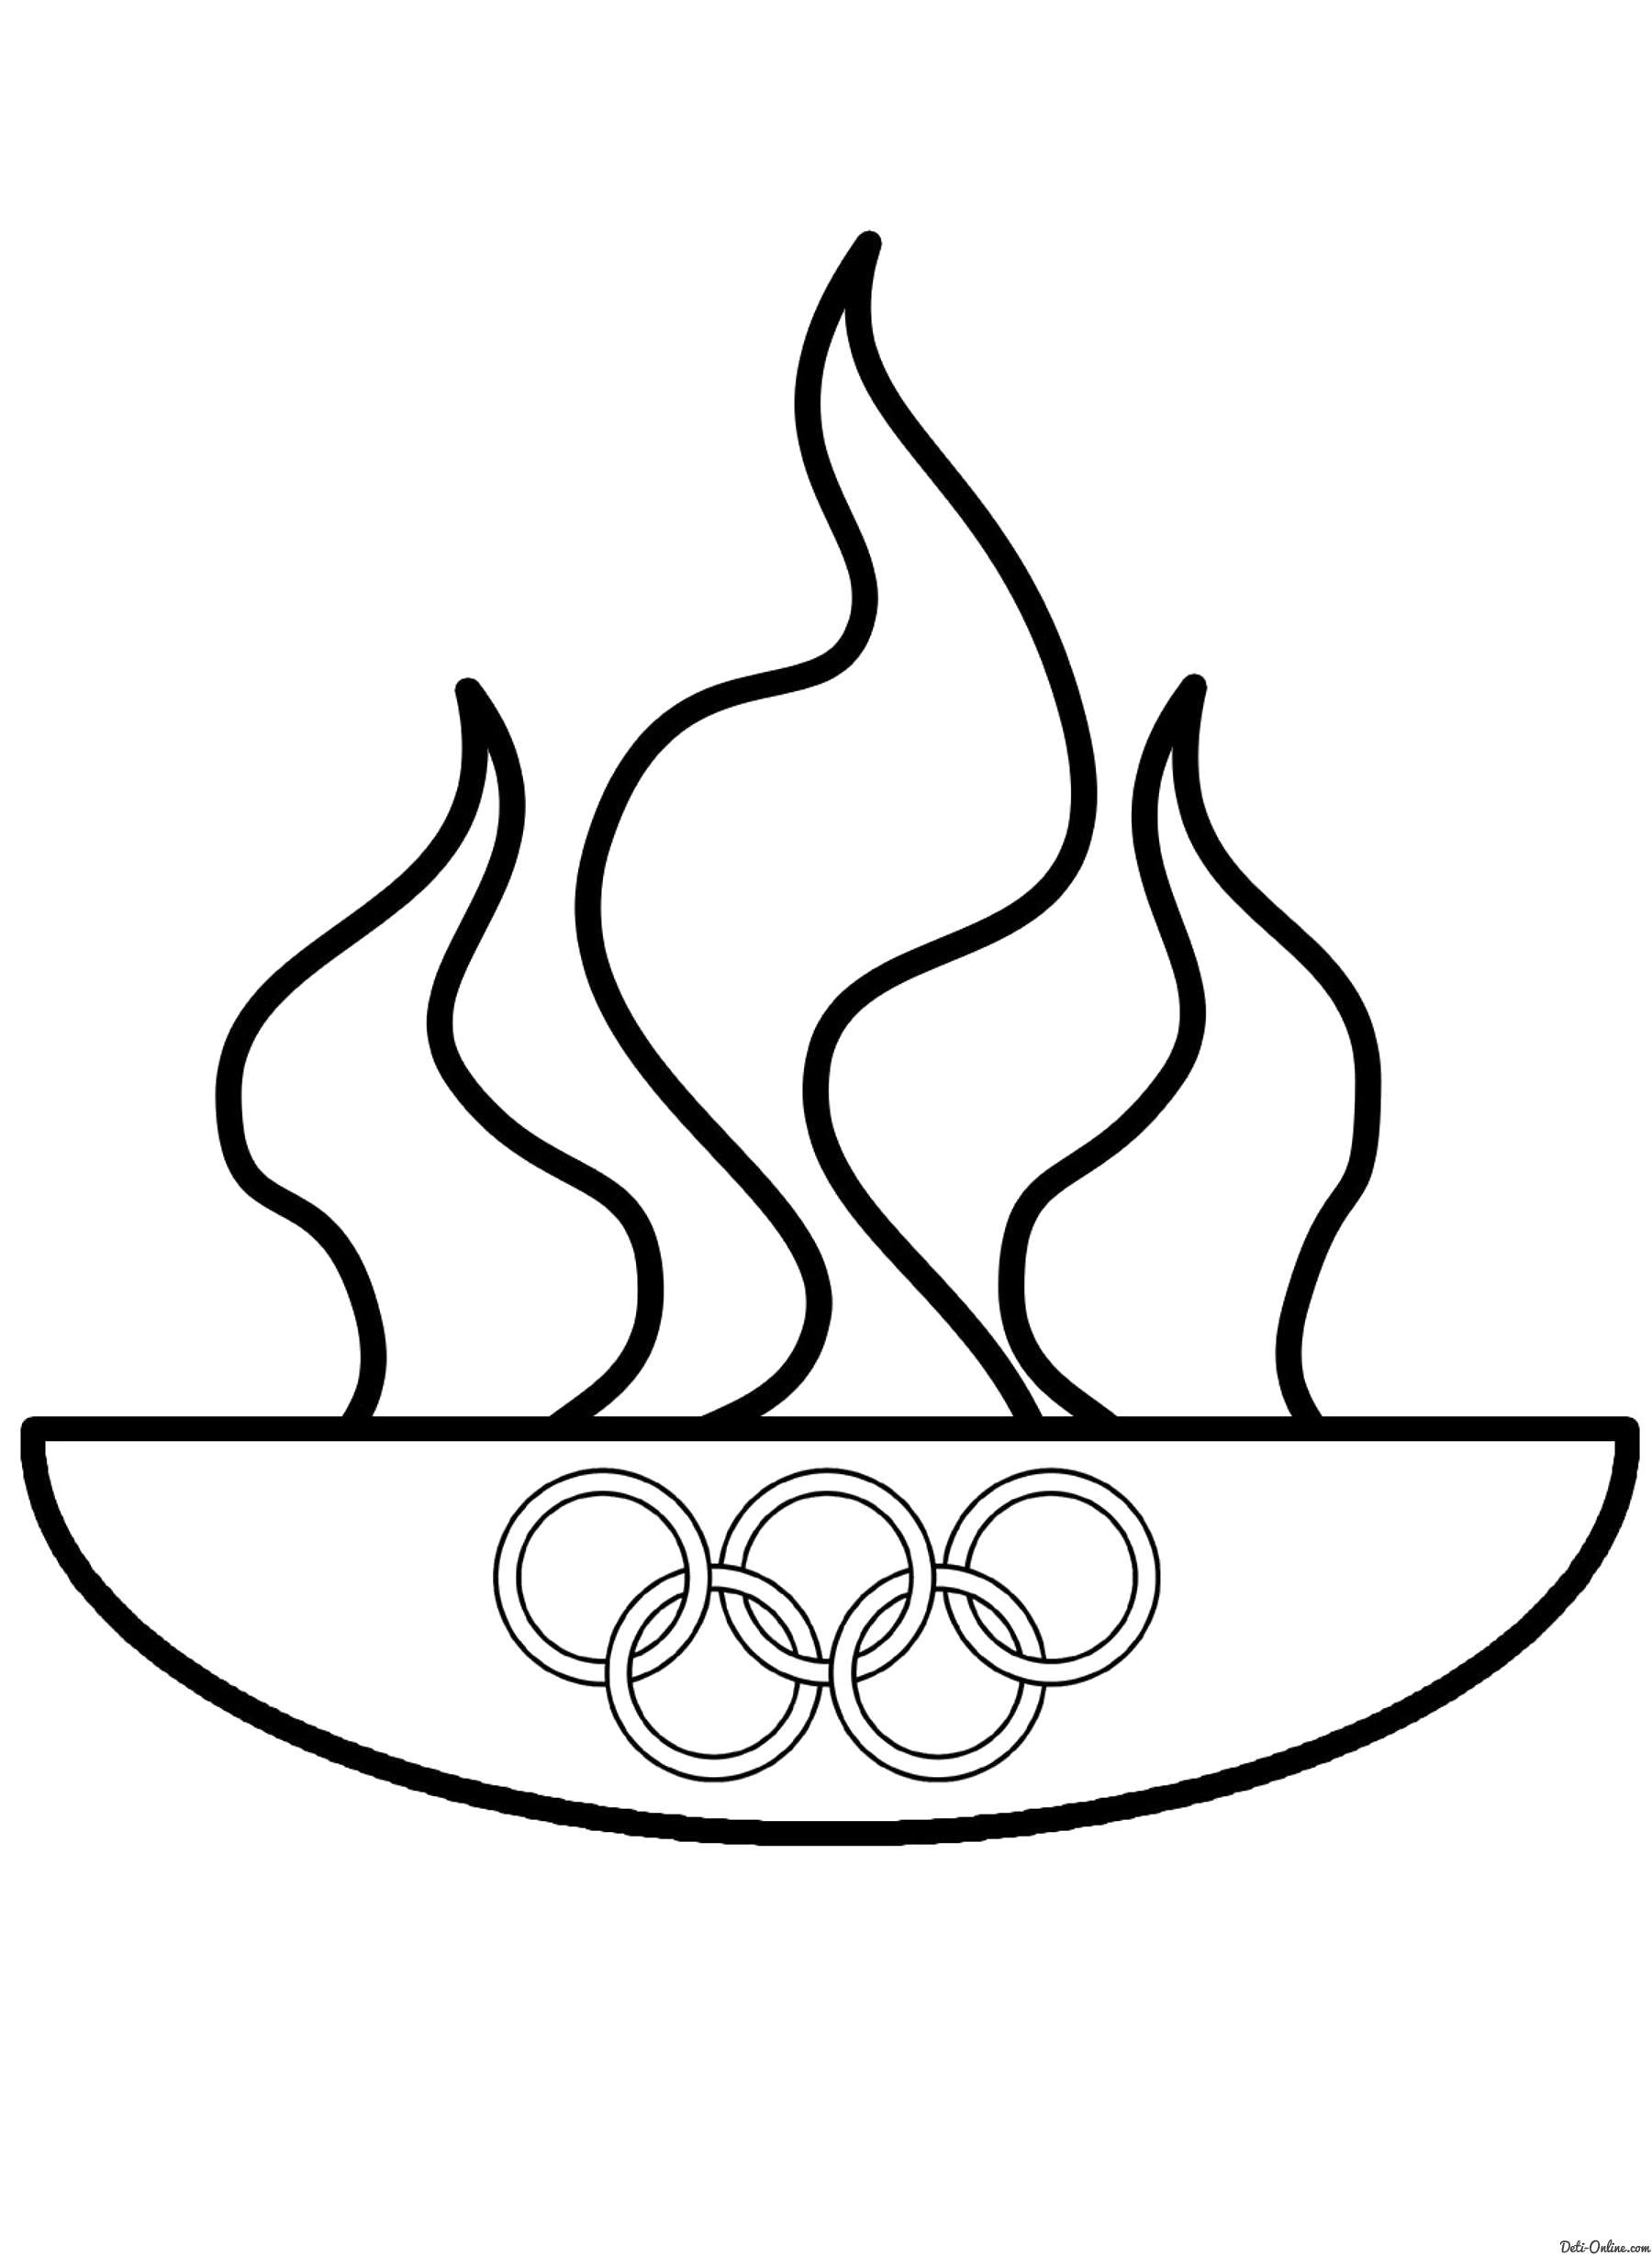 Раскраска  олимпийский огонь. Скачать Олимпиада.  Распечатать Олимпиада